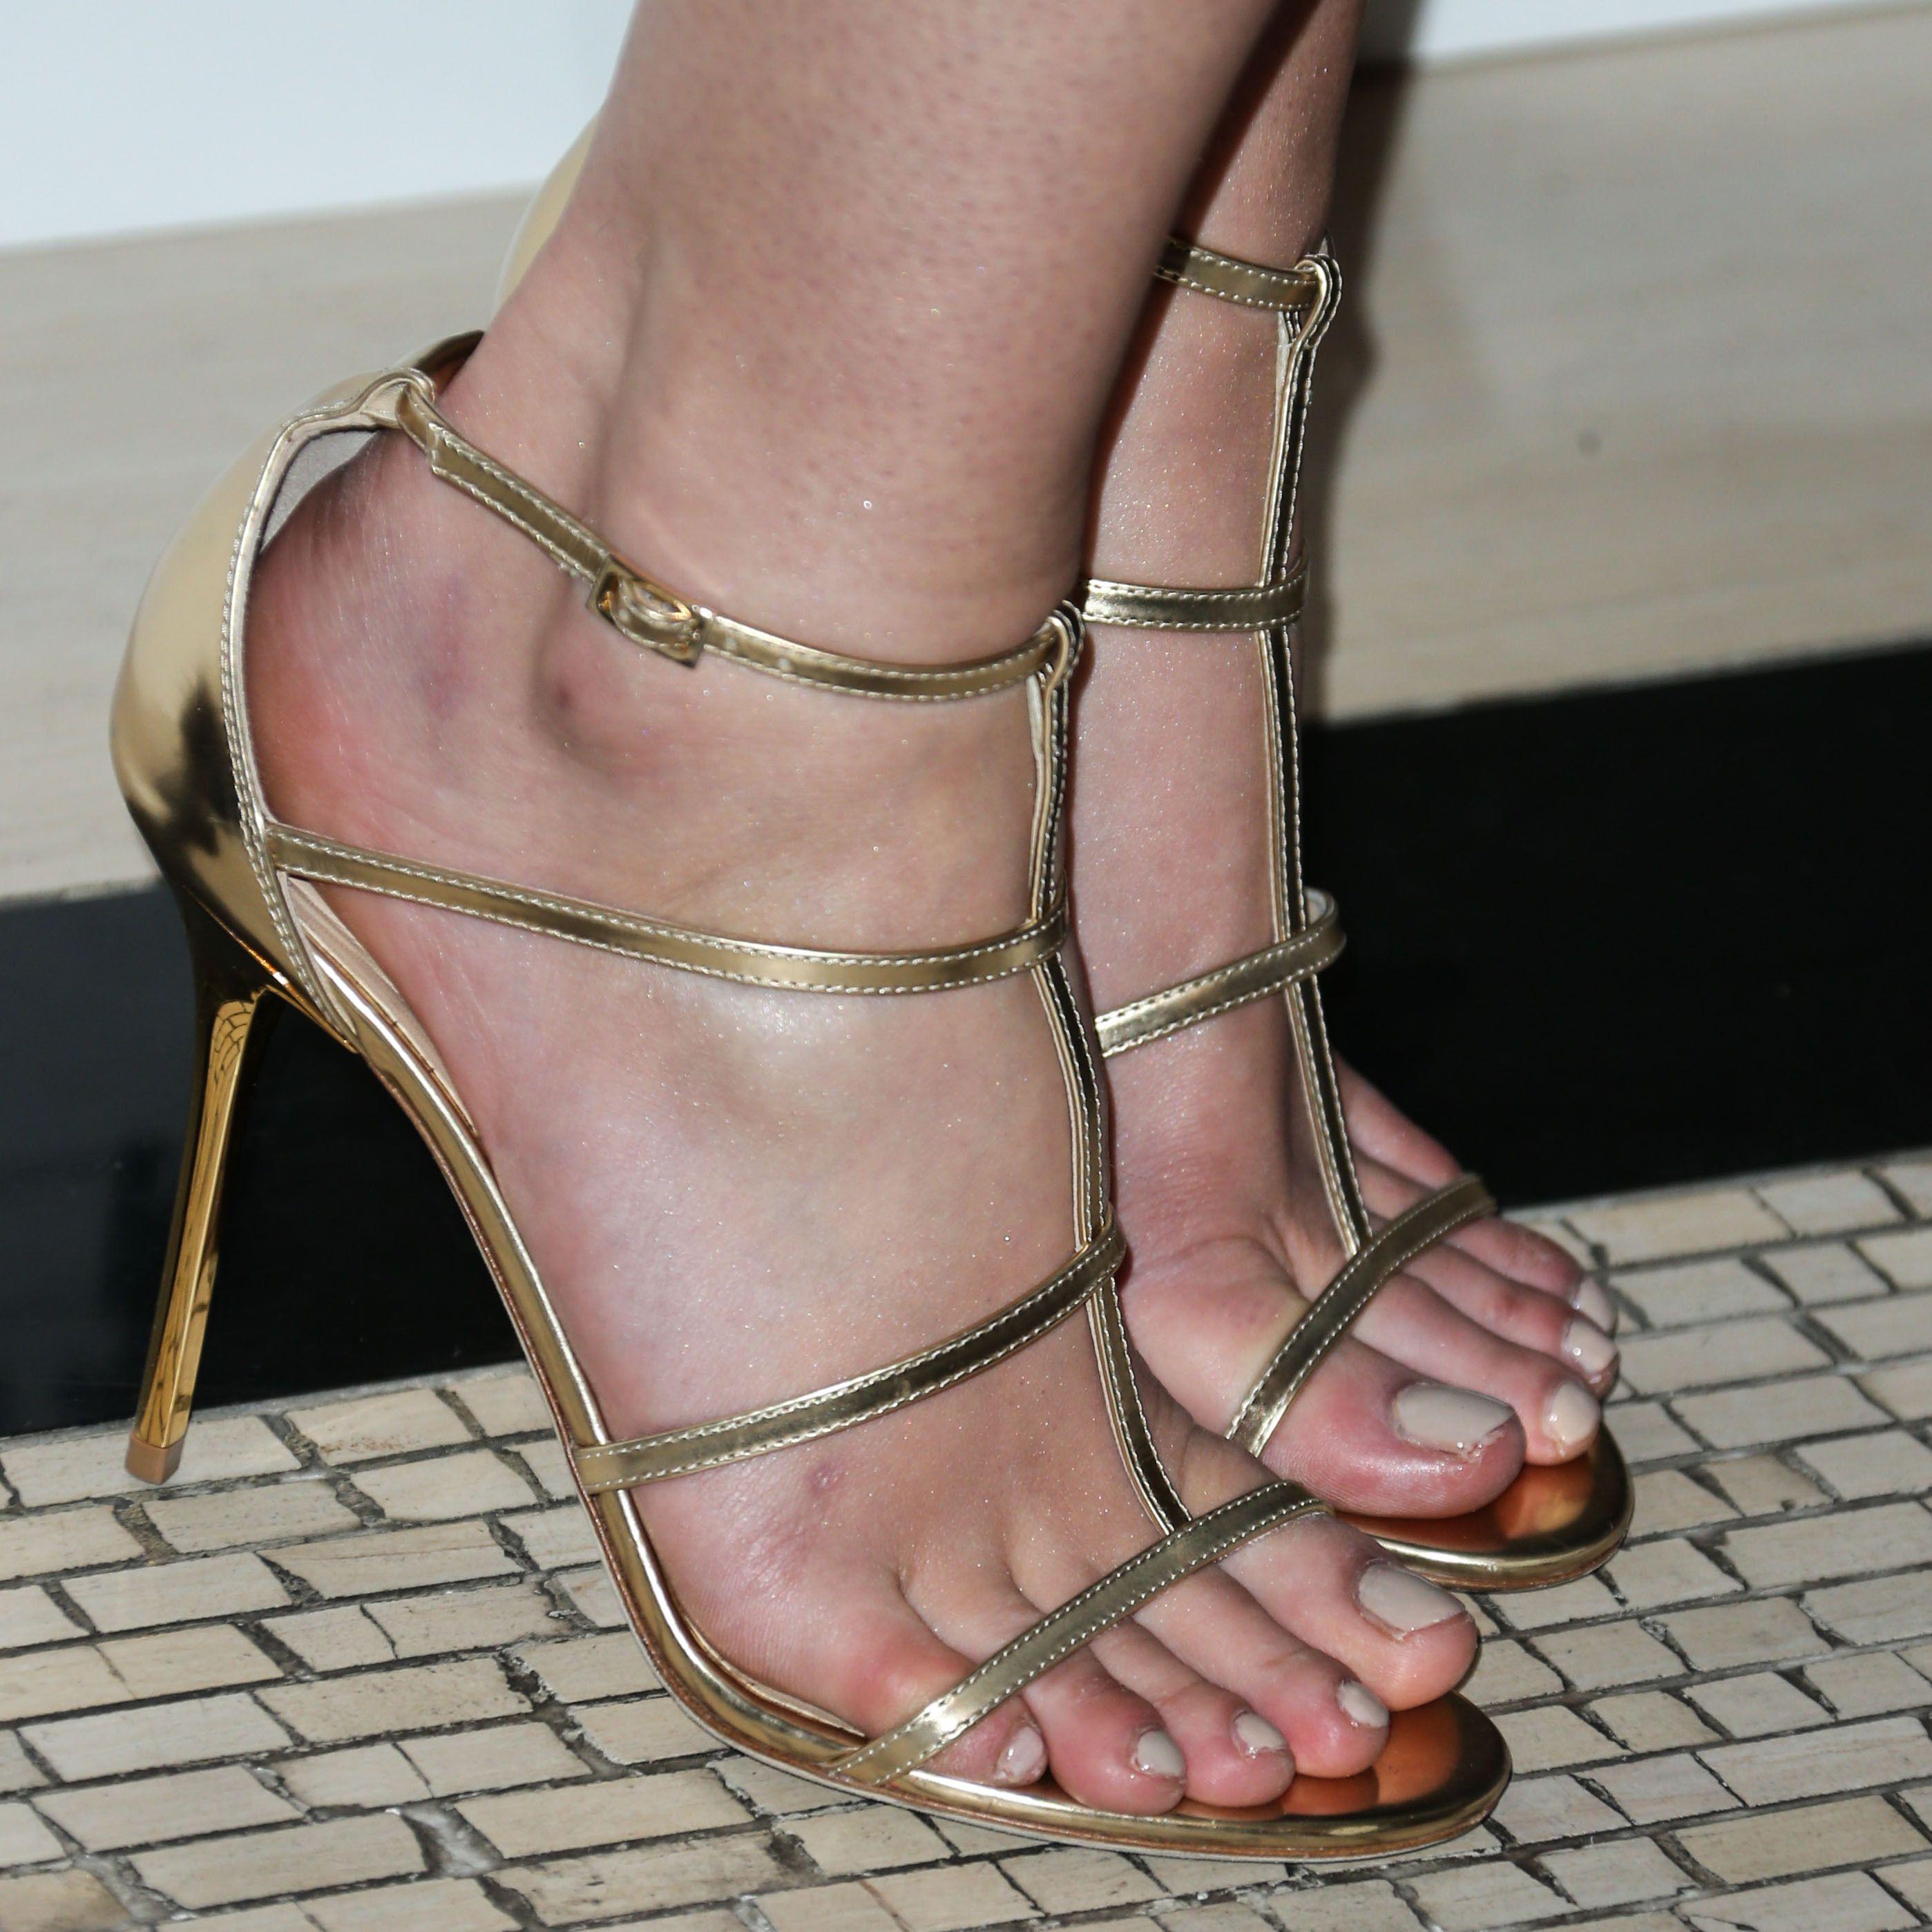 Feet Mary Elizabeth Winstead nude photos 2019